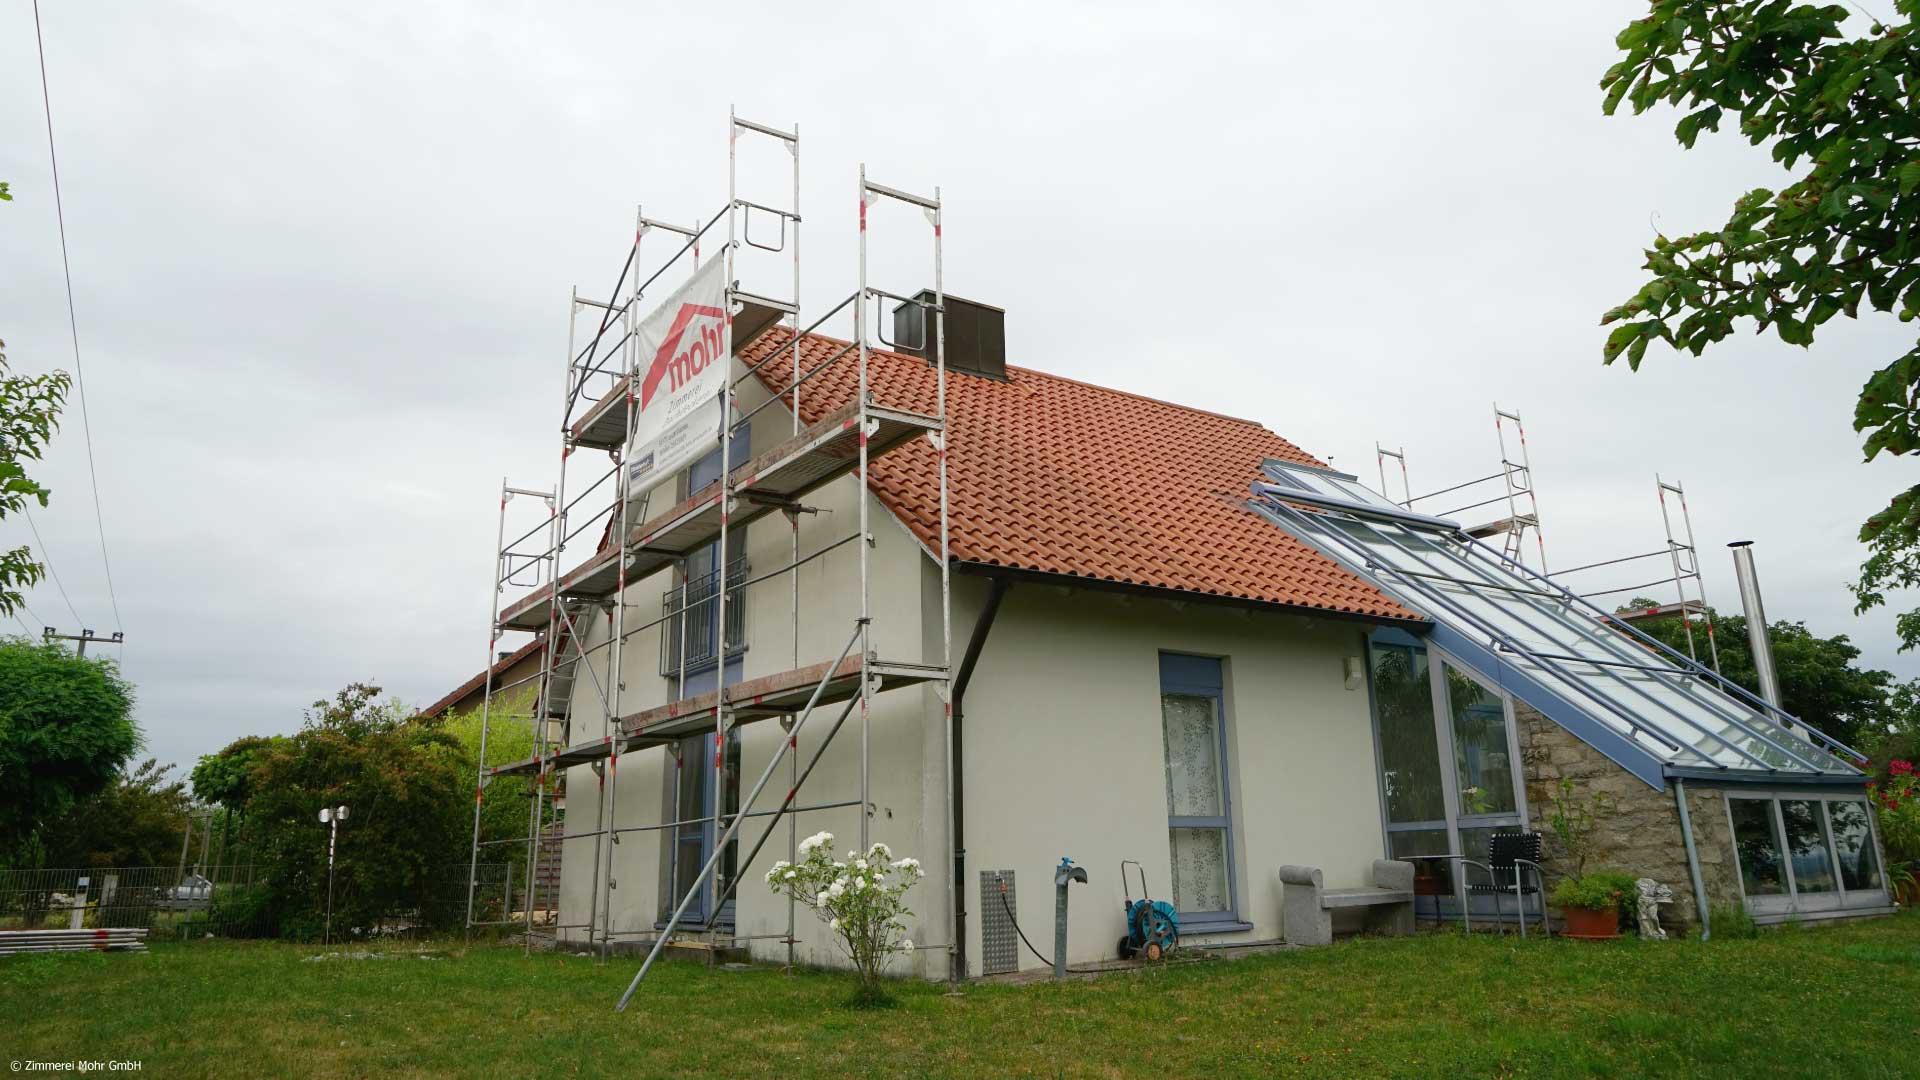 Anbau SOLITÄR - Einfamilienhaus vorher